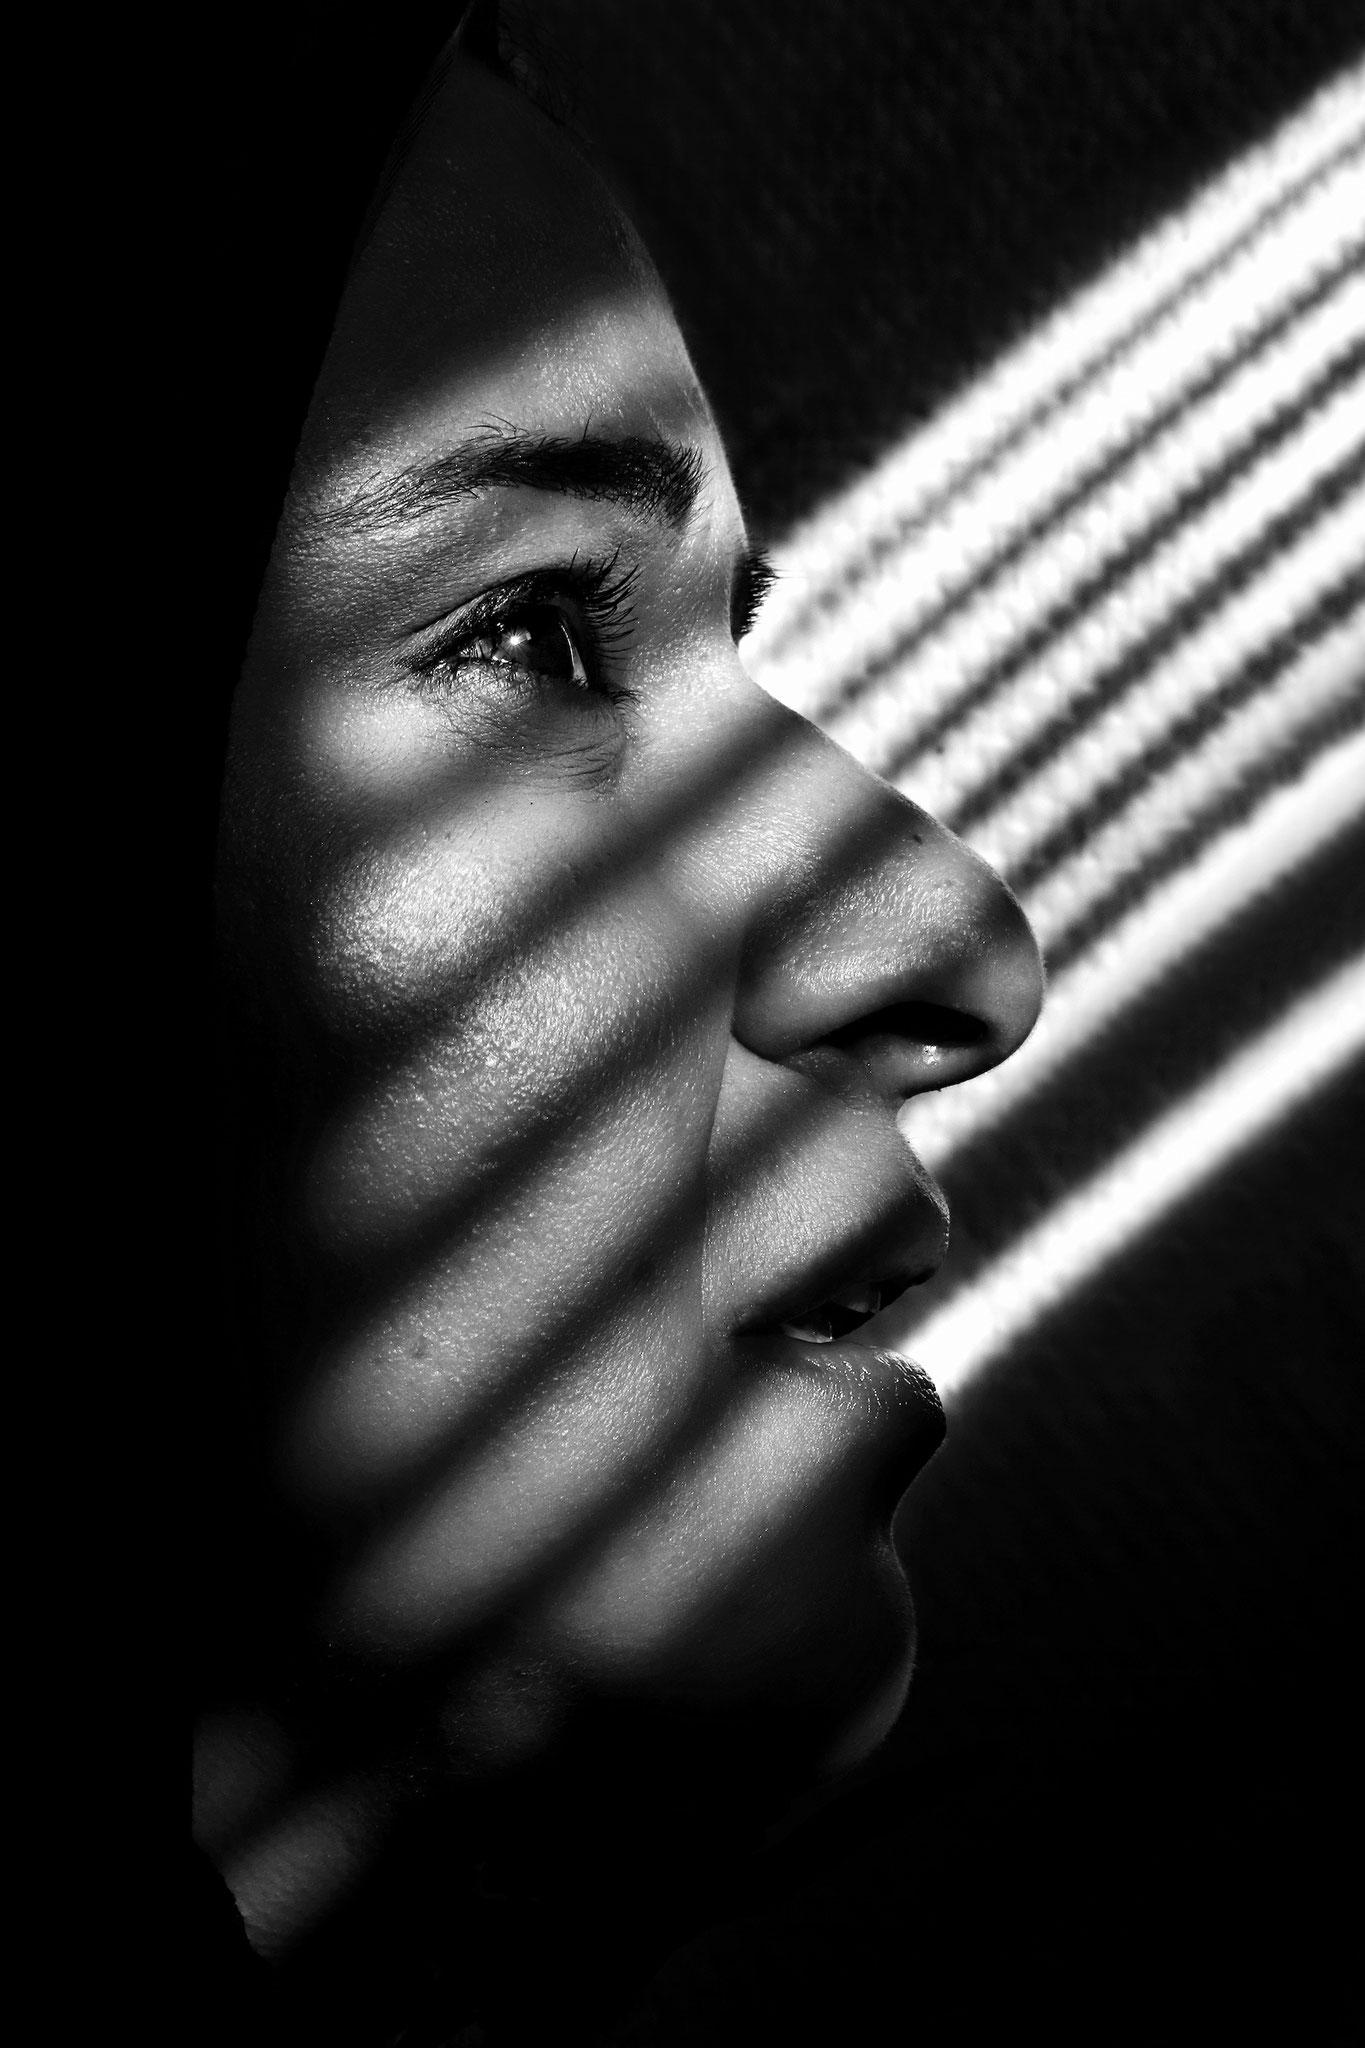 © Jean-Michel Landon